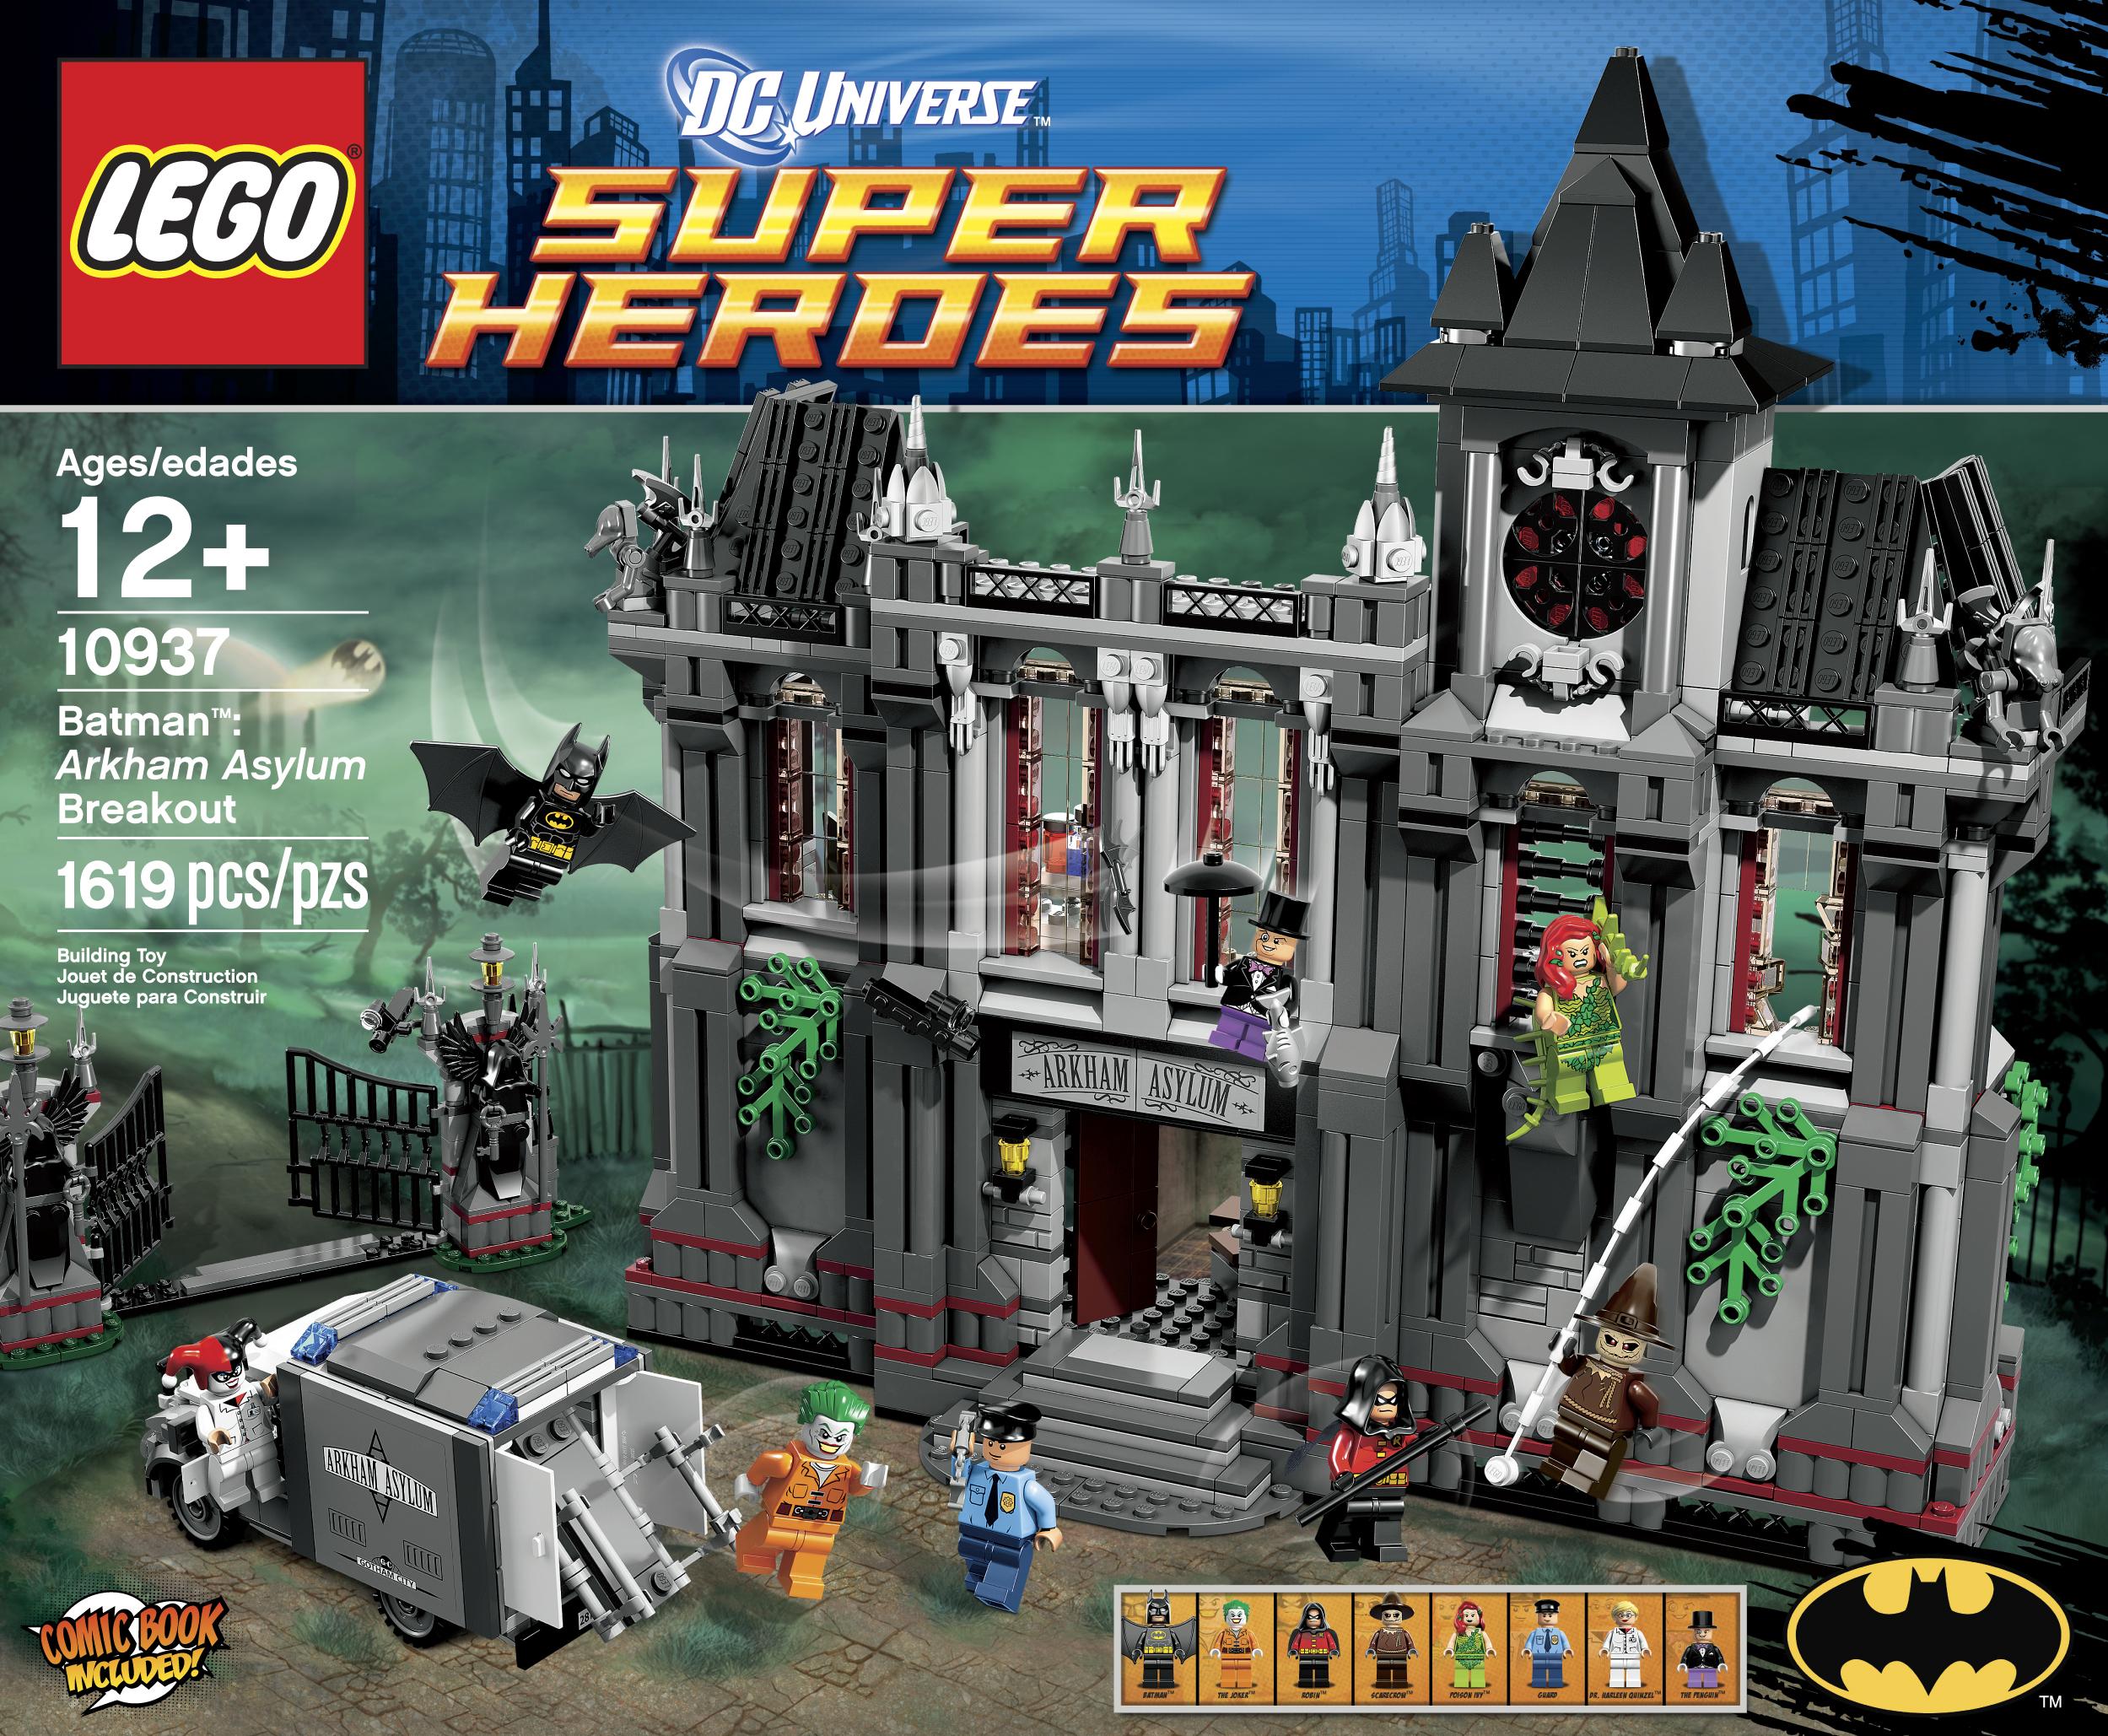 All Lego Toys : News lego batman arkham asylum breakout set announced